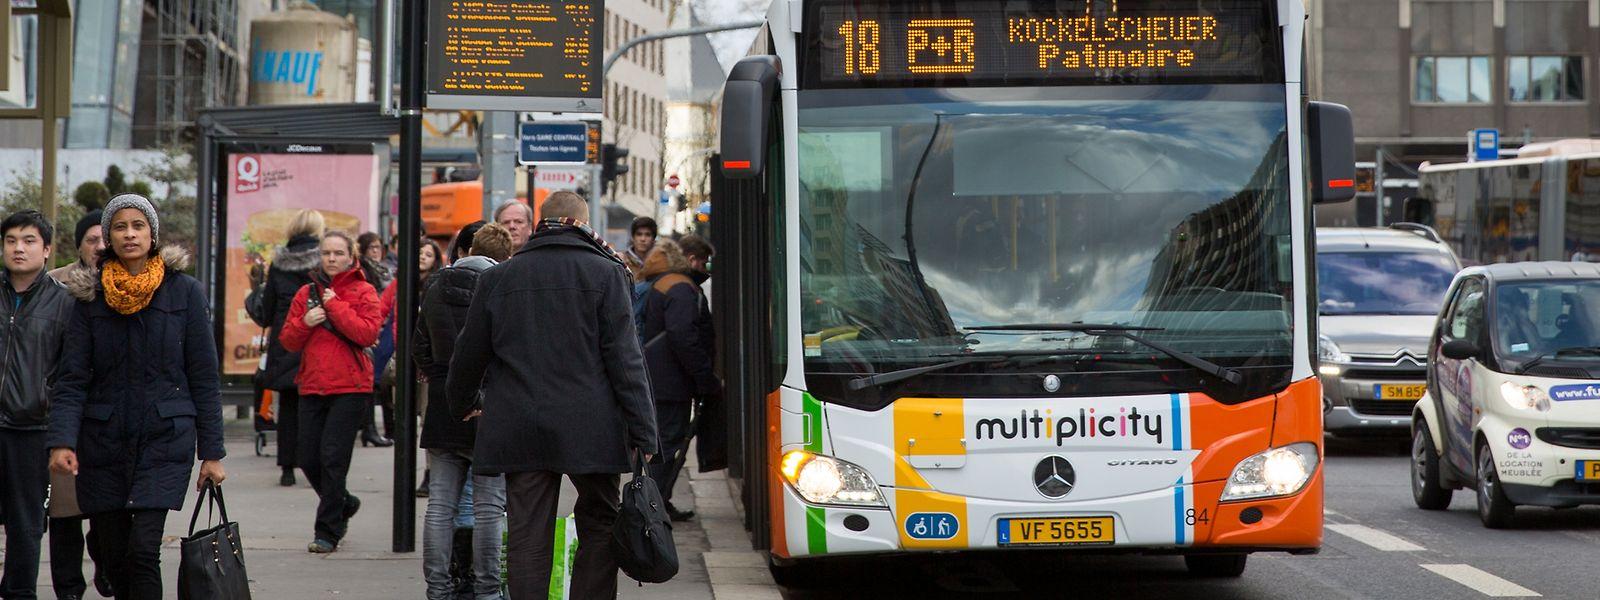 Der aktuell zu zahlende Fahrpreis ist nicht der entscheidende Faktor für eine stärkere Nutzung von Bus, Tram oder Zug.